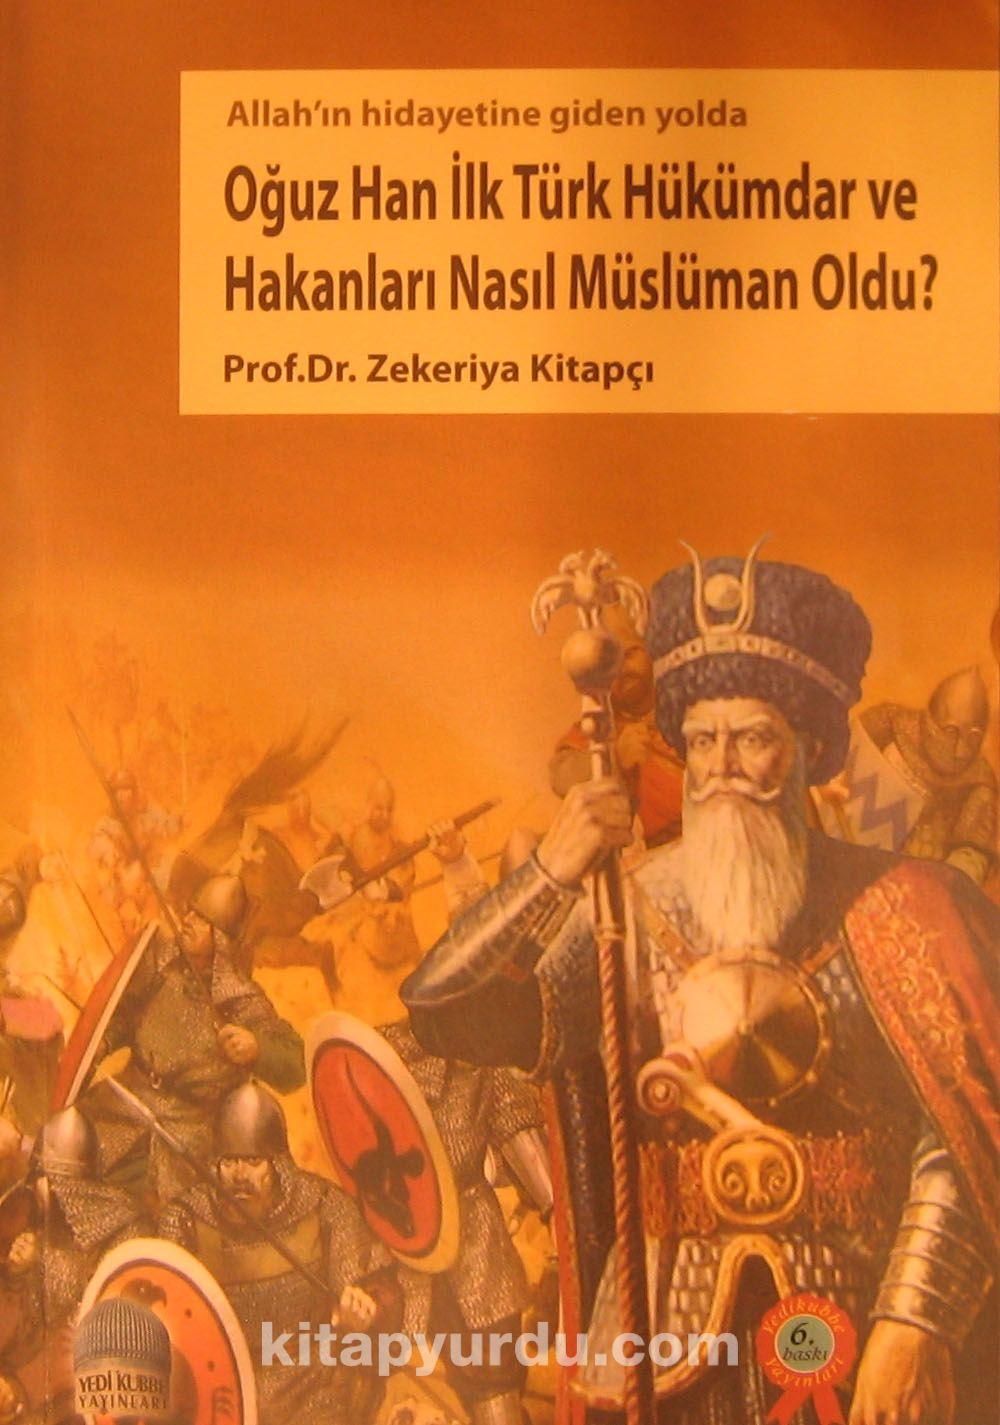 Oğuz Han İlk Türk Müslüman Hükümdar ve Hakanları Nasıl Müslüman Oldu?